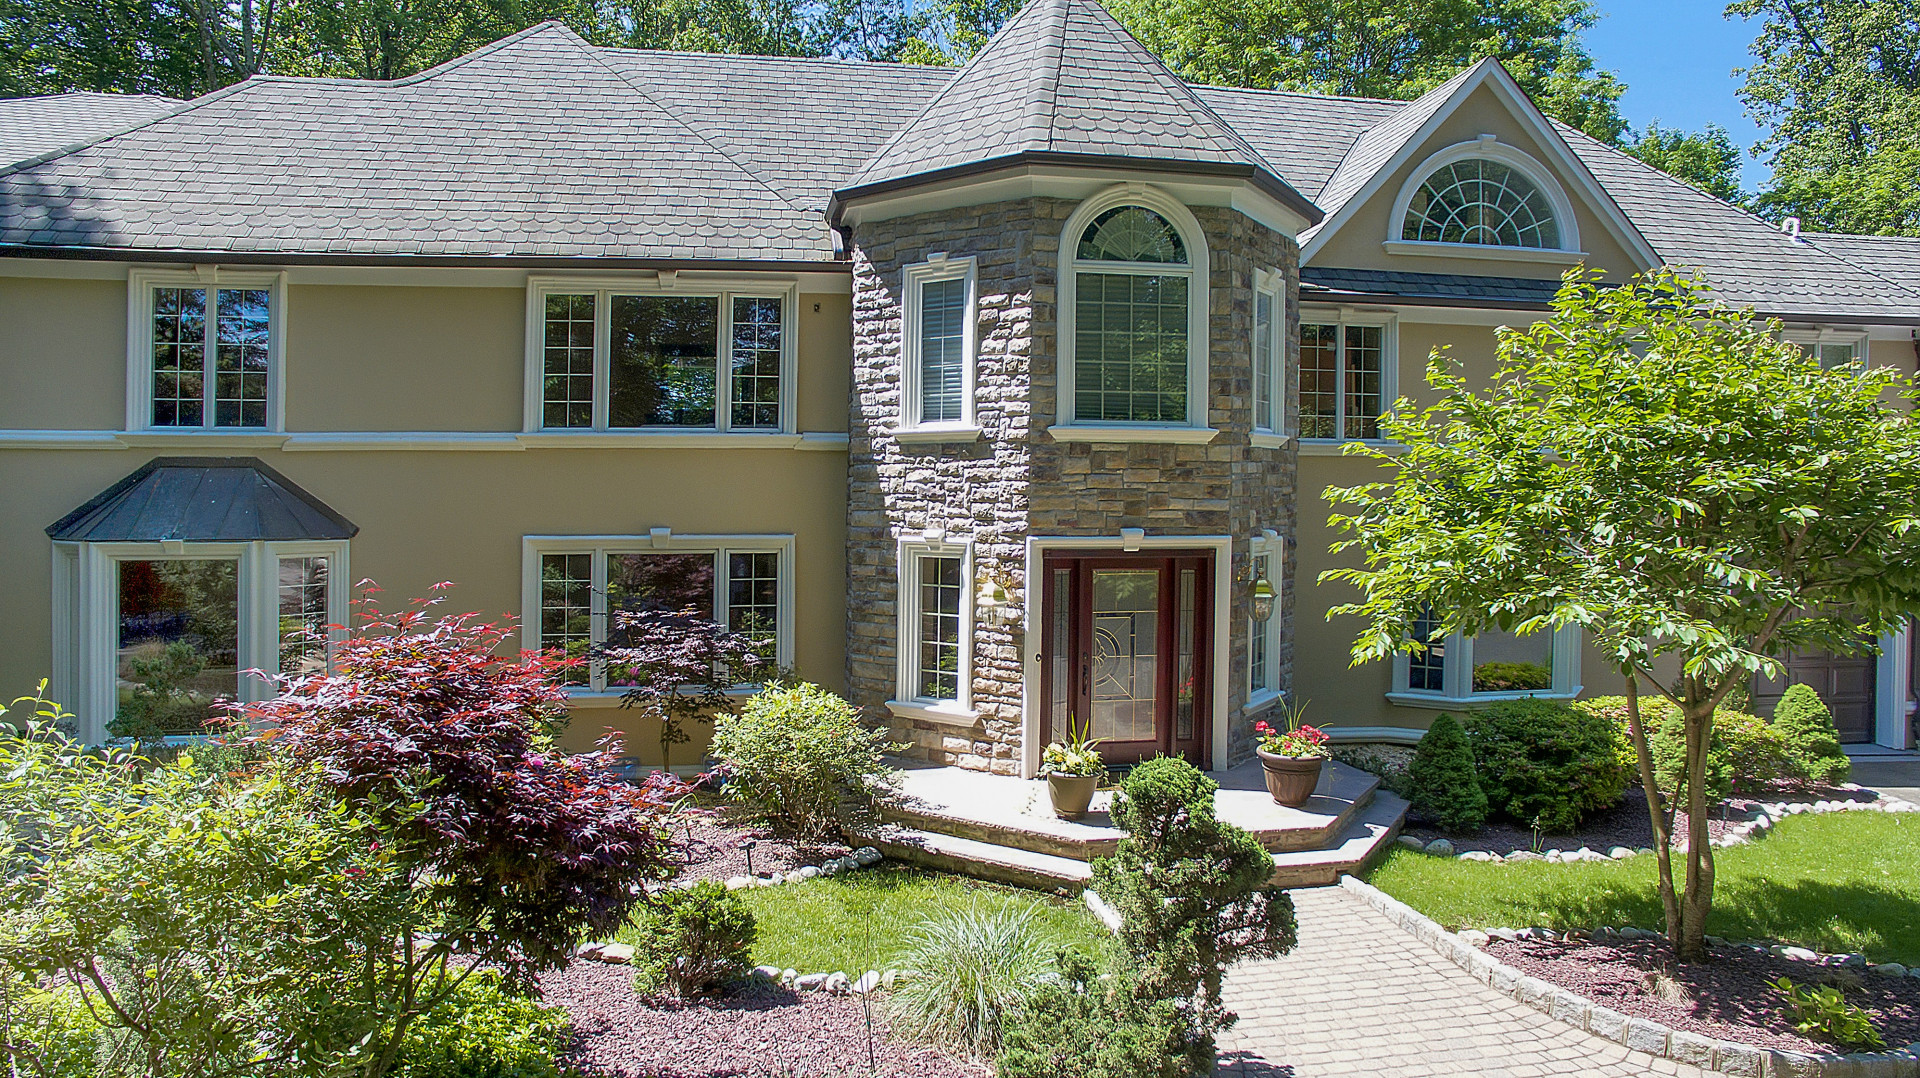 Casa Unifamiliar por un Venta en Masterfully Built ! 133 Chestnut Ridge Rd Saddle River, Nueva Jersey 07458 Estados Unidos